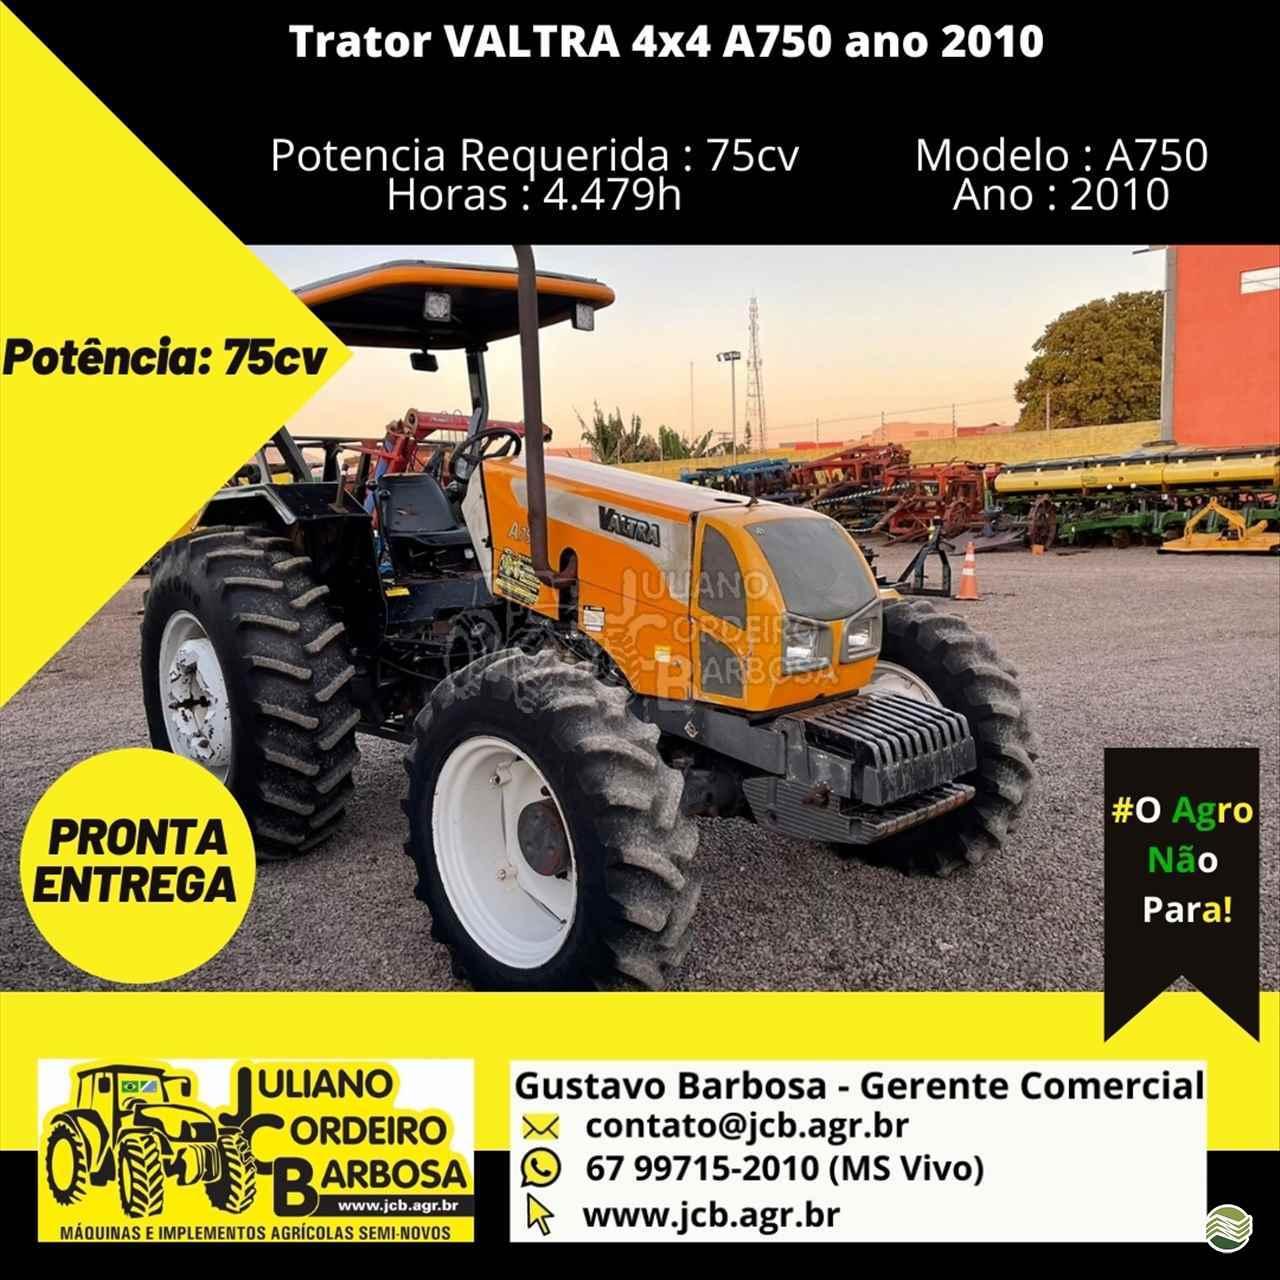 TRATOR VALTRA VALTRA A750 Tração 4x4 JCB Máquinas e Implementos Agrícolas MARACAJU MATO GROSSO DO SUL MS